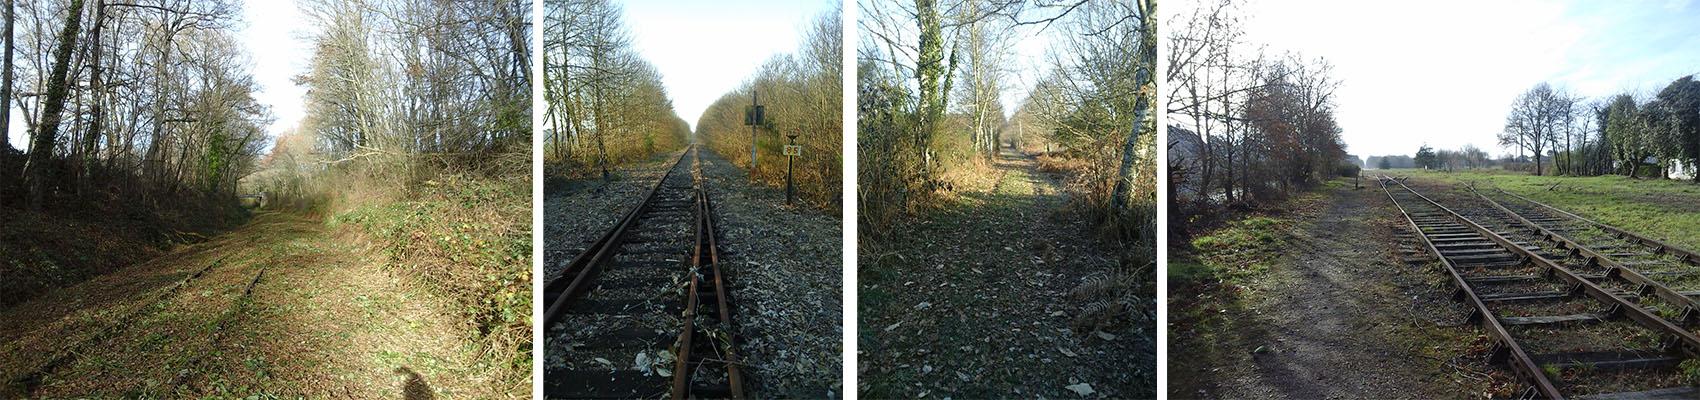 SNCF réseau - photos